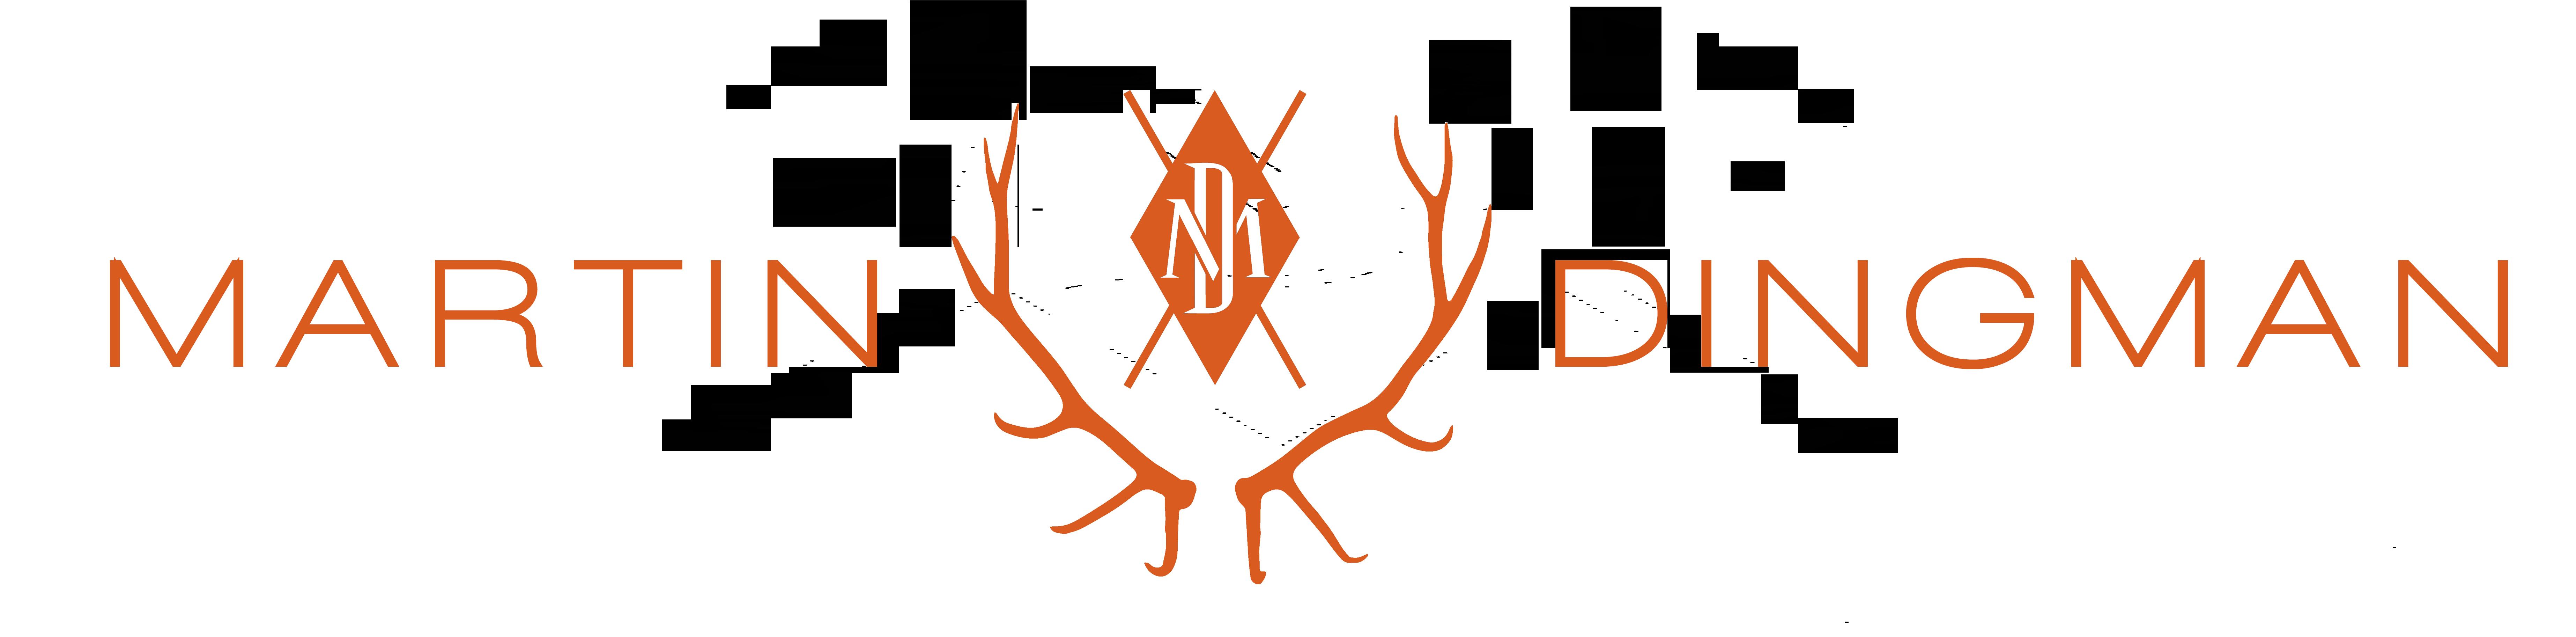 martin-dingman